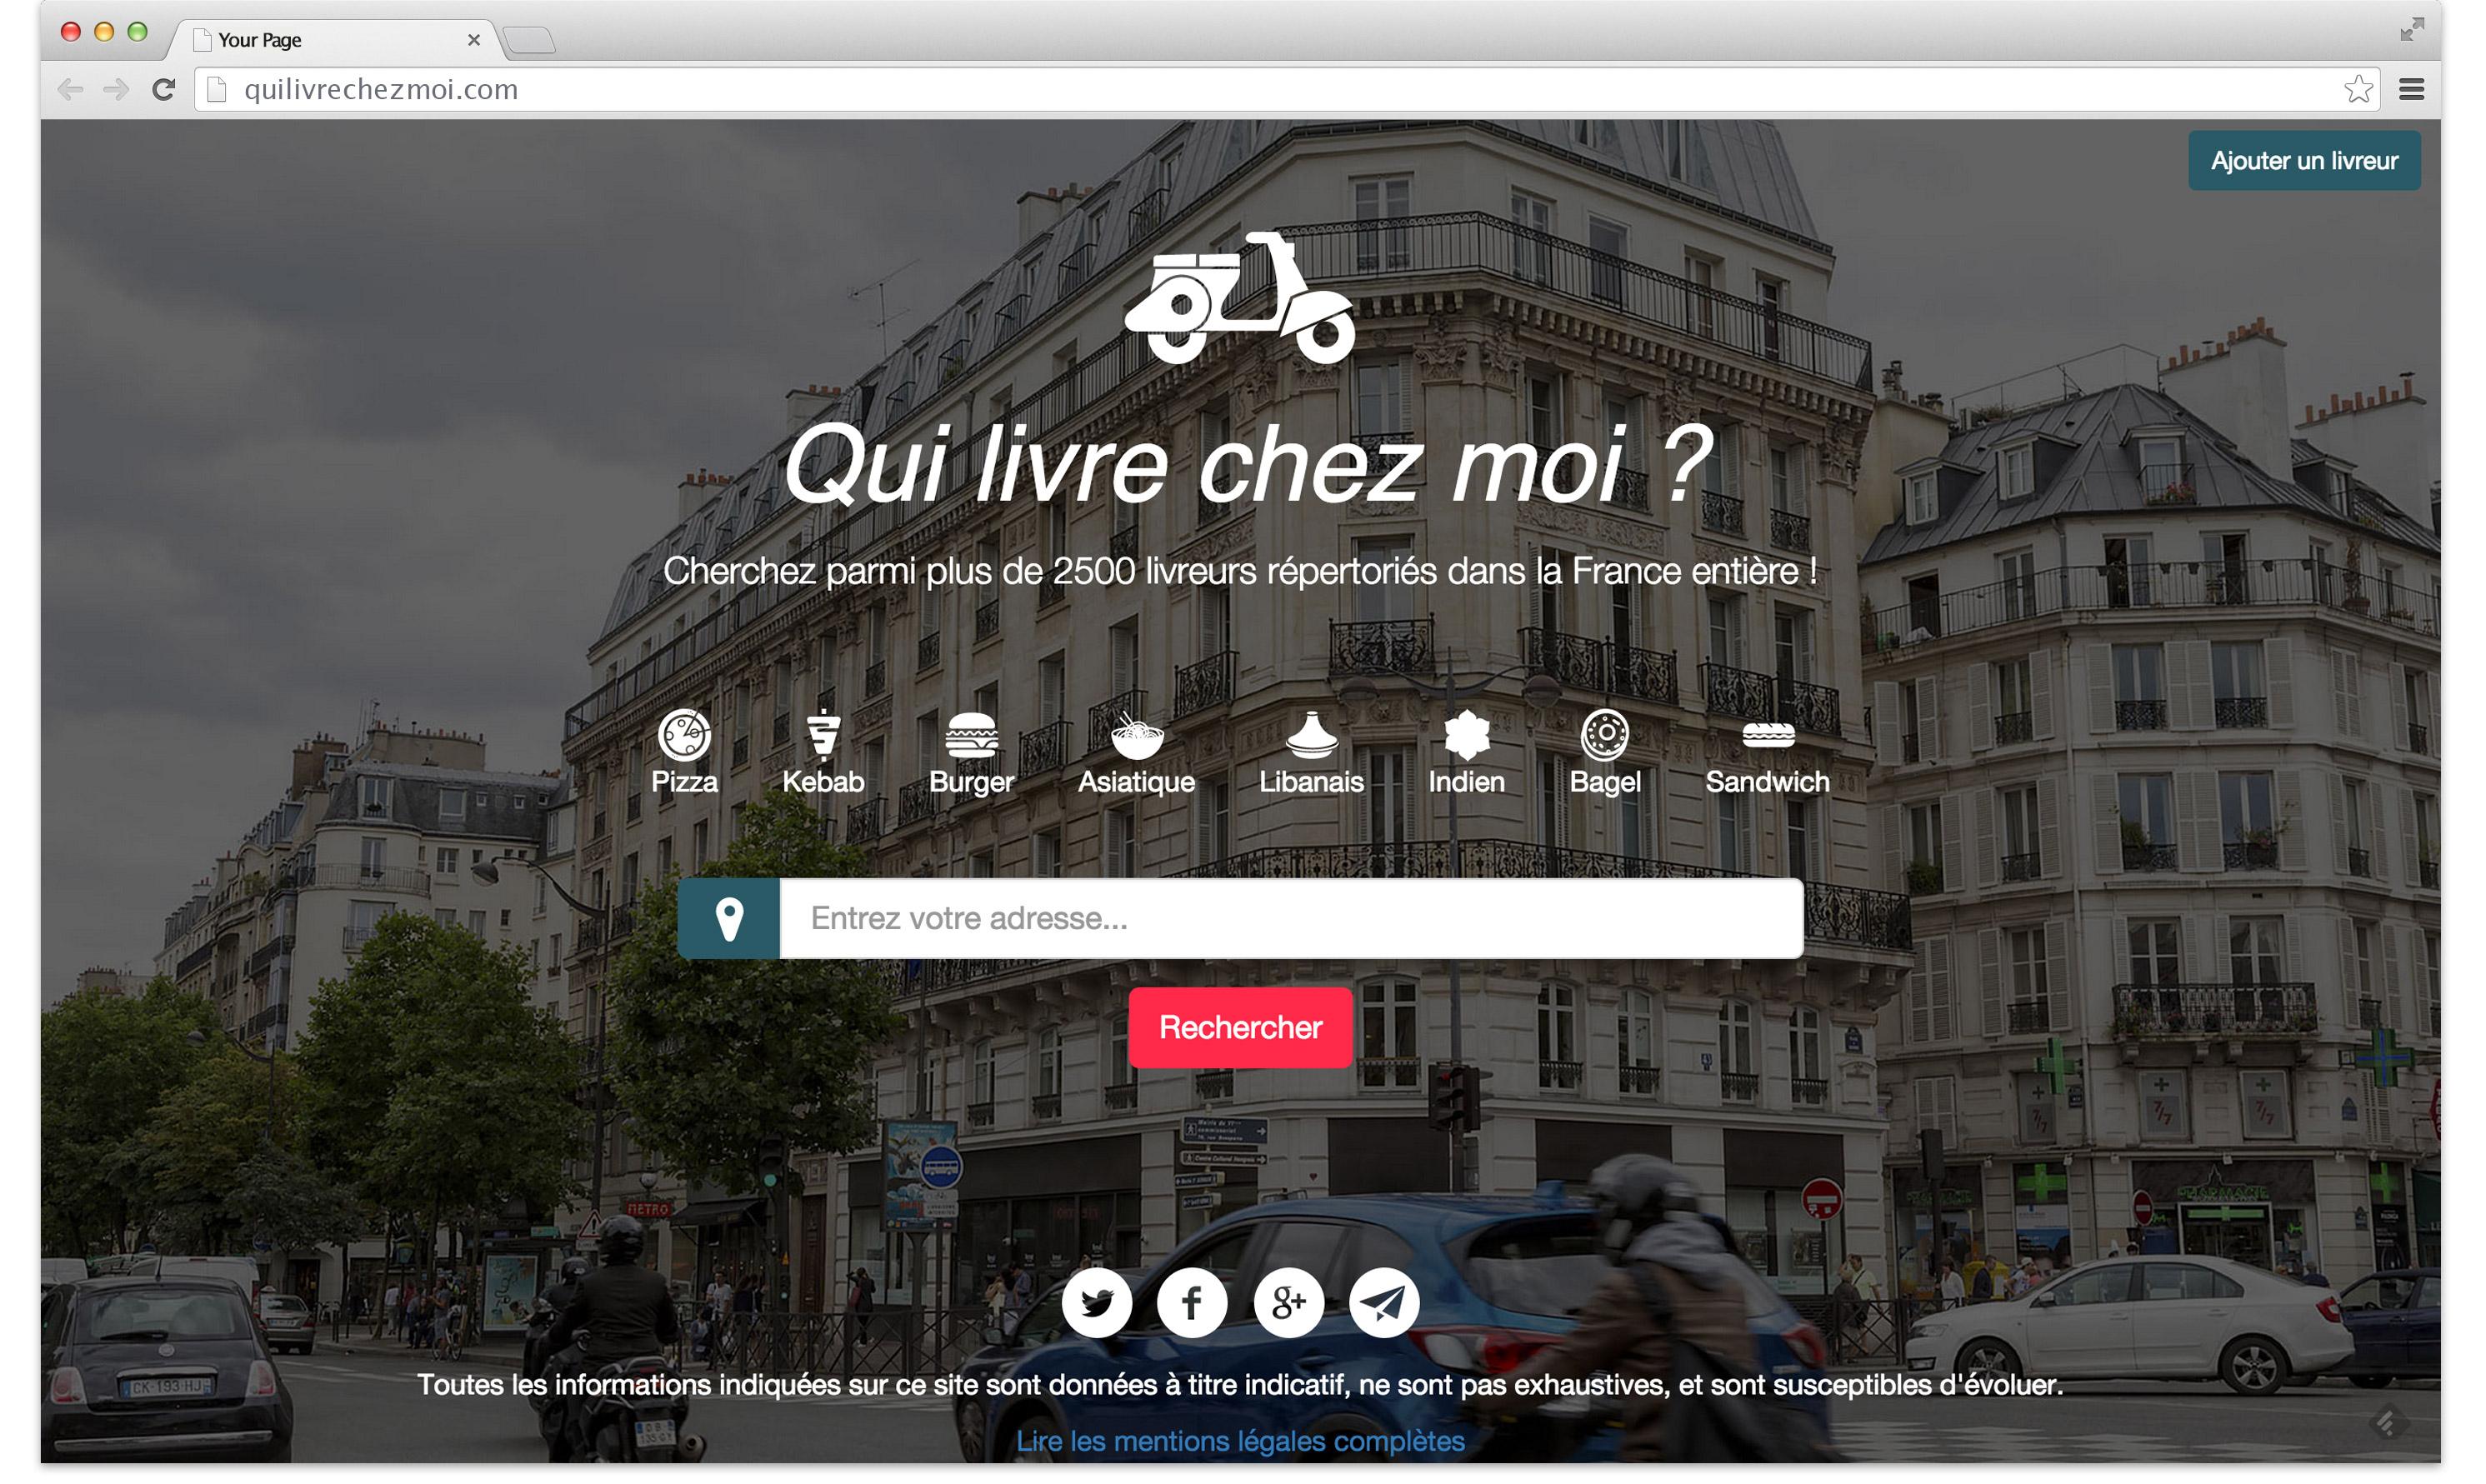 """Web service """"Qui livre chez moi?"""" - home page"""